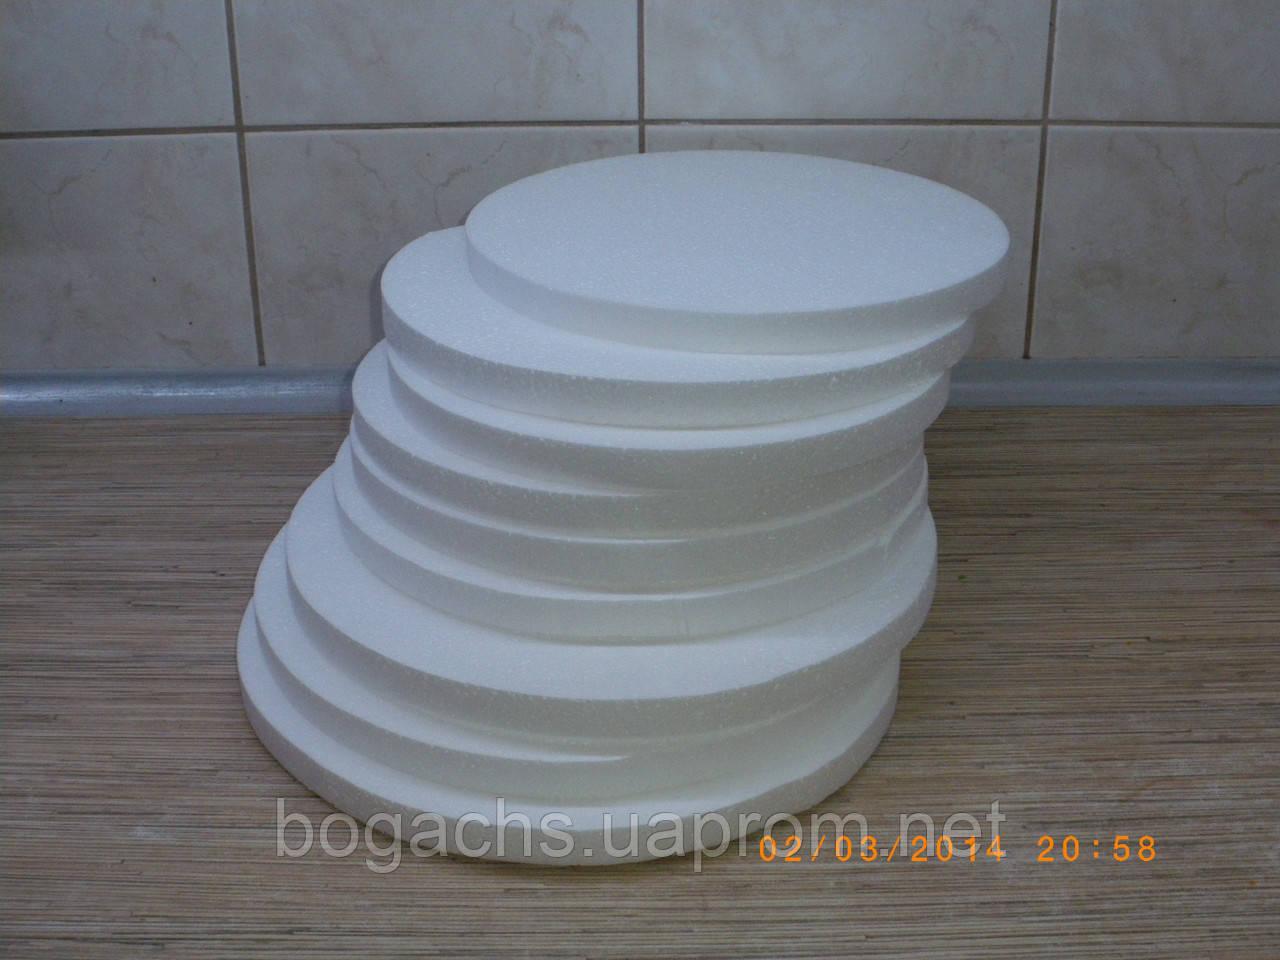 Подложка Ø 48 см 4802 (подставка, основа) из пенопласта под торт